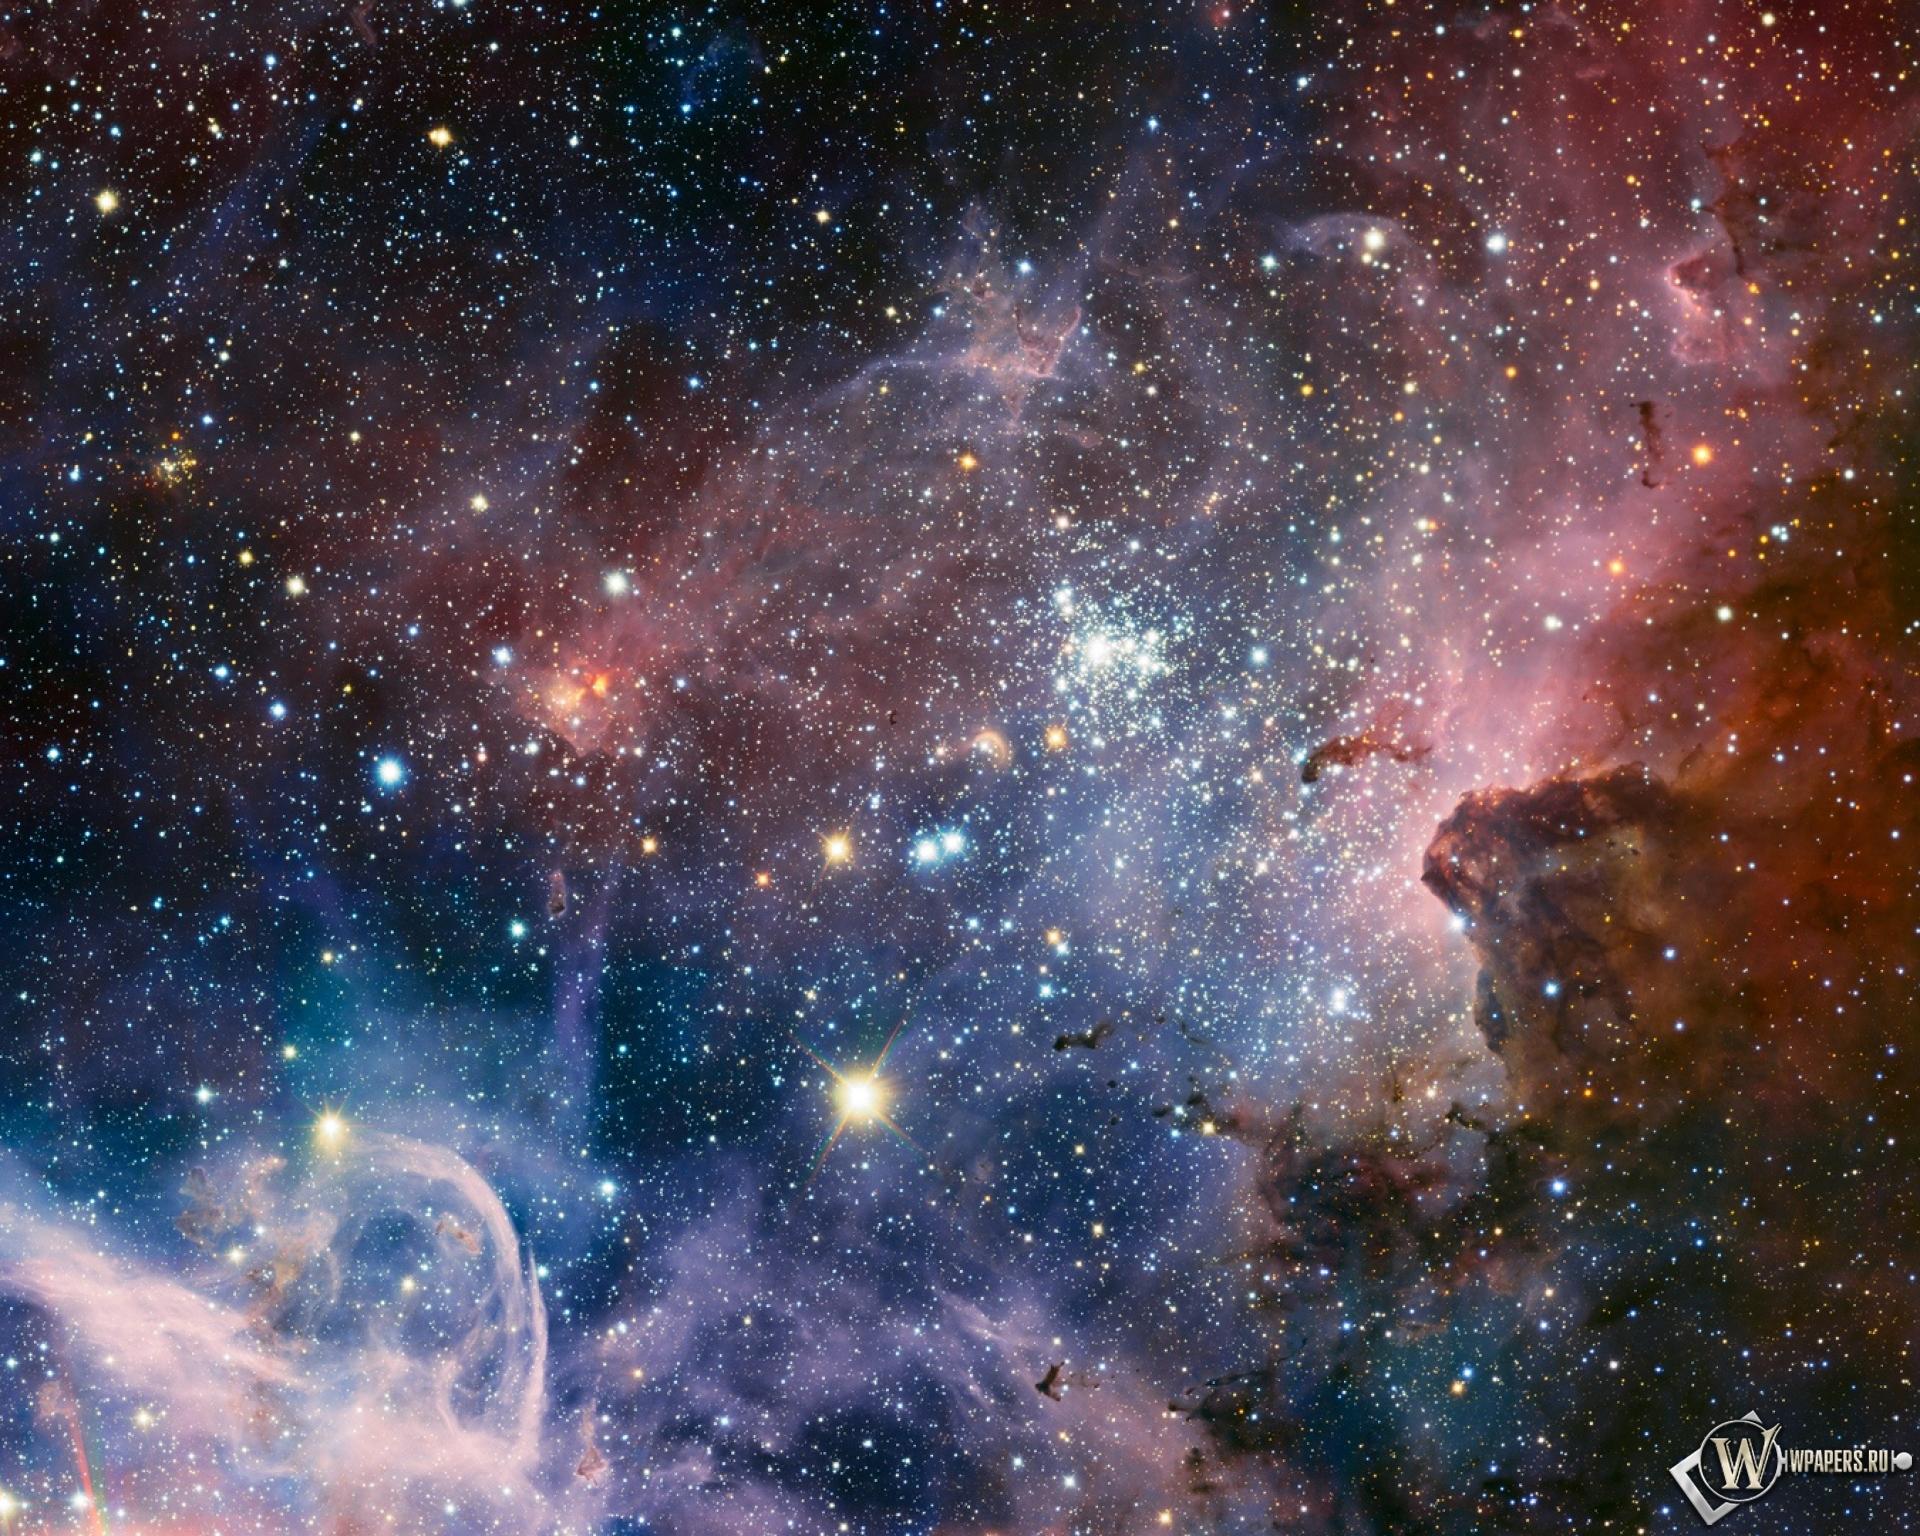 Обои туманность carina nebula на рабочий